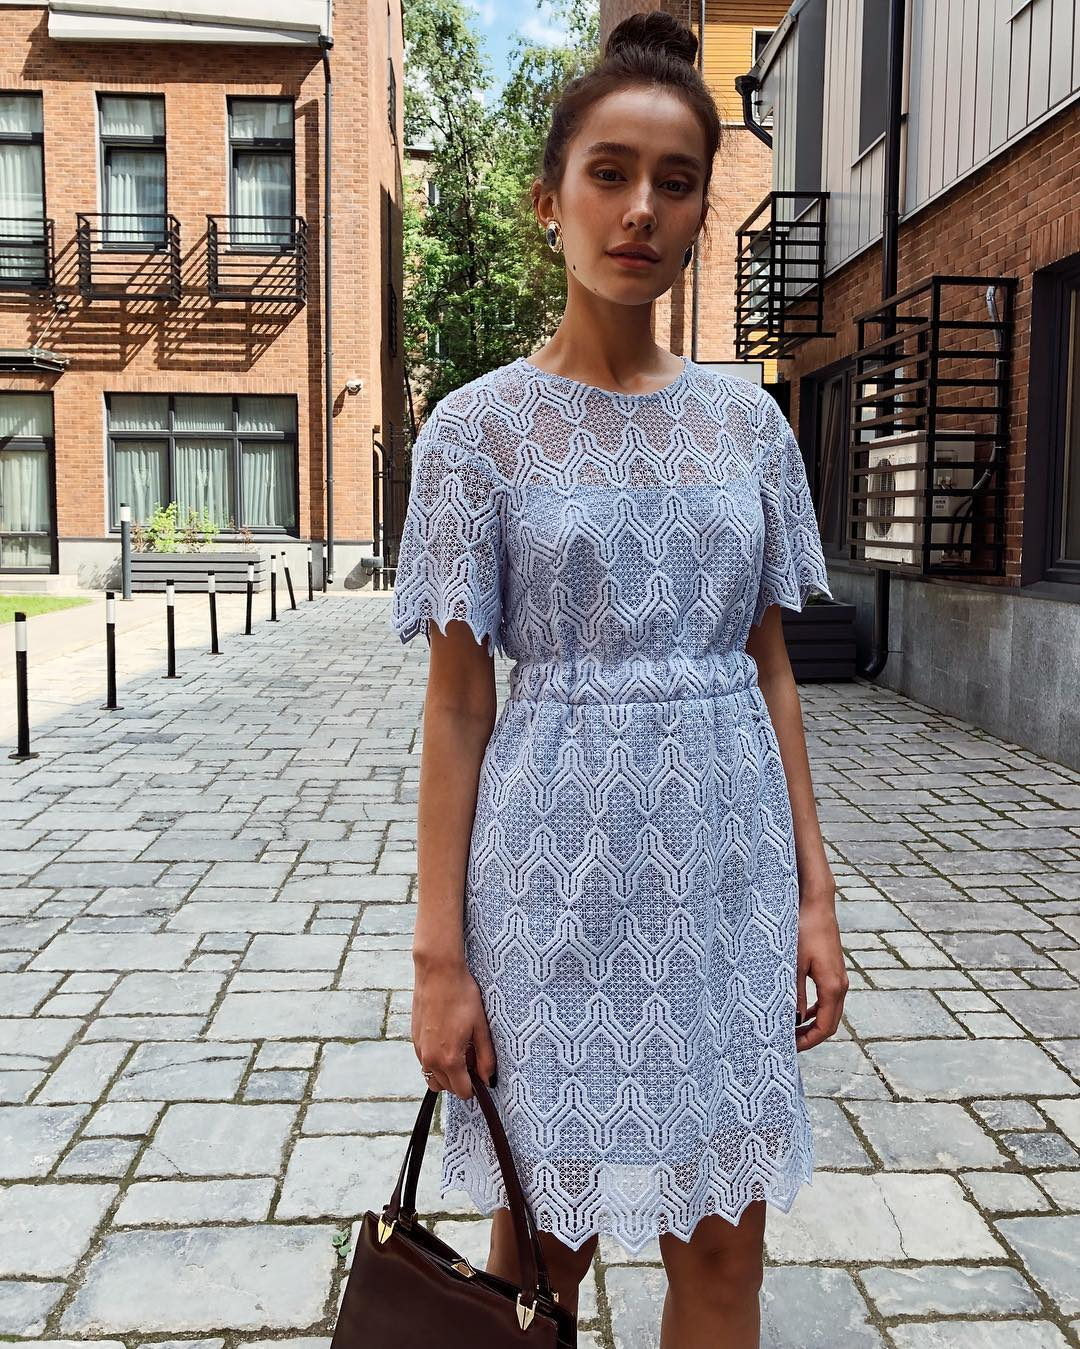 6 хитростей, как выглядеть дорого в дешевом платье